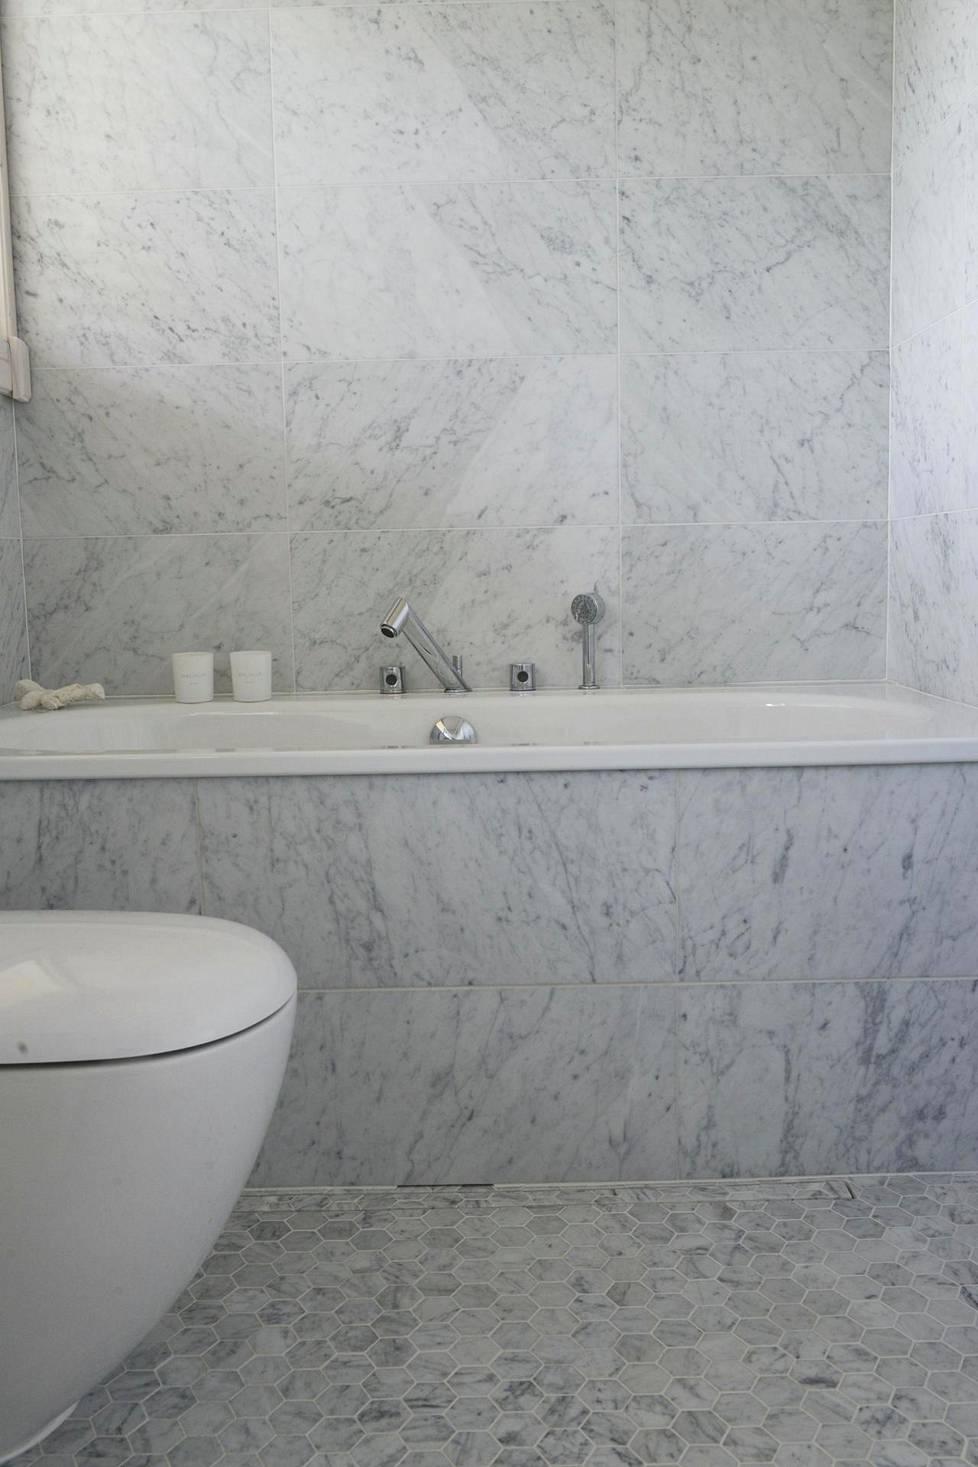 Selvä trendi kylpyhuoneissa on myös marmori (kohde: Kontio-hirsitalo).